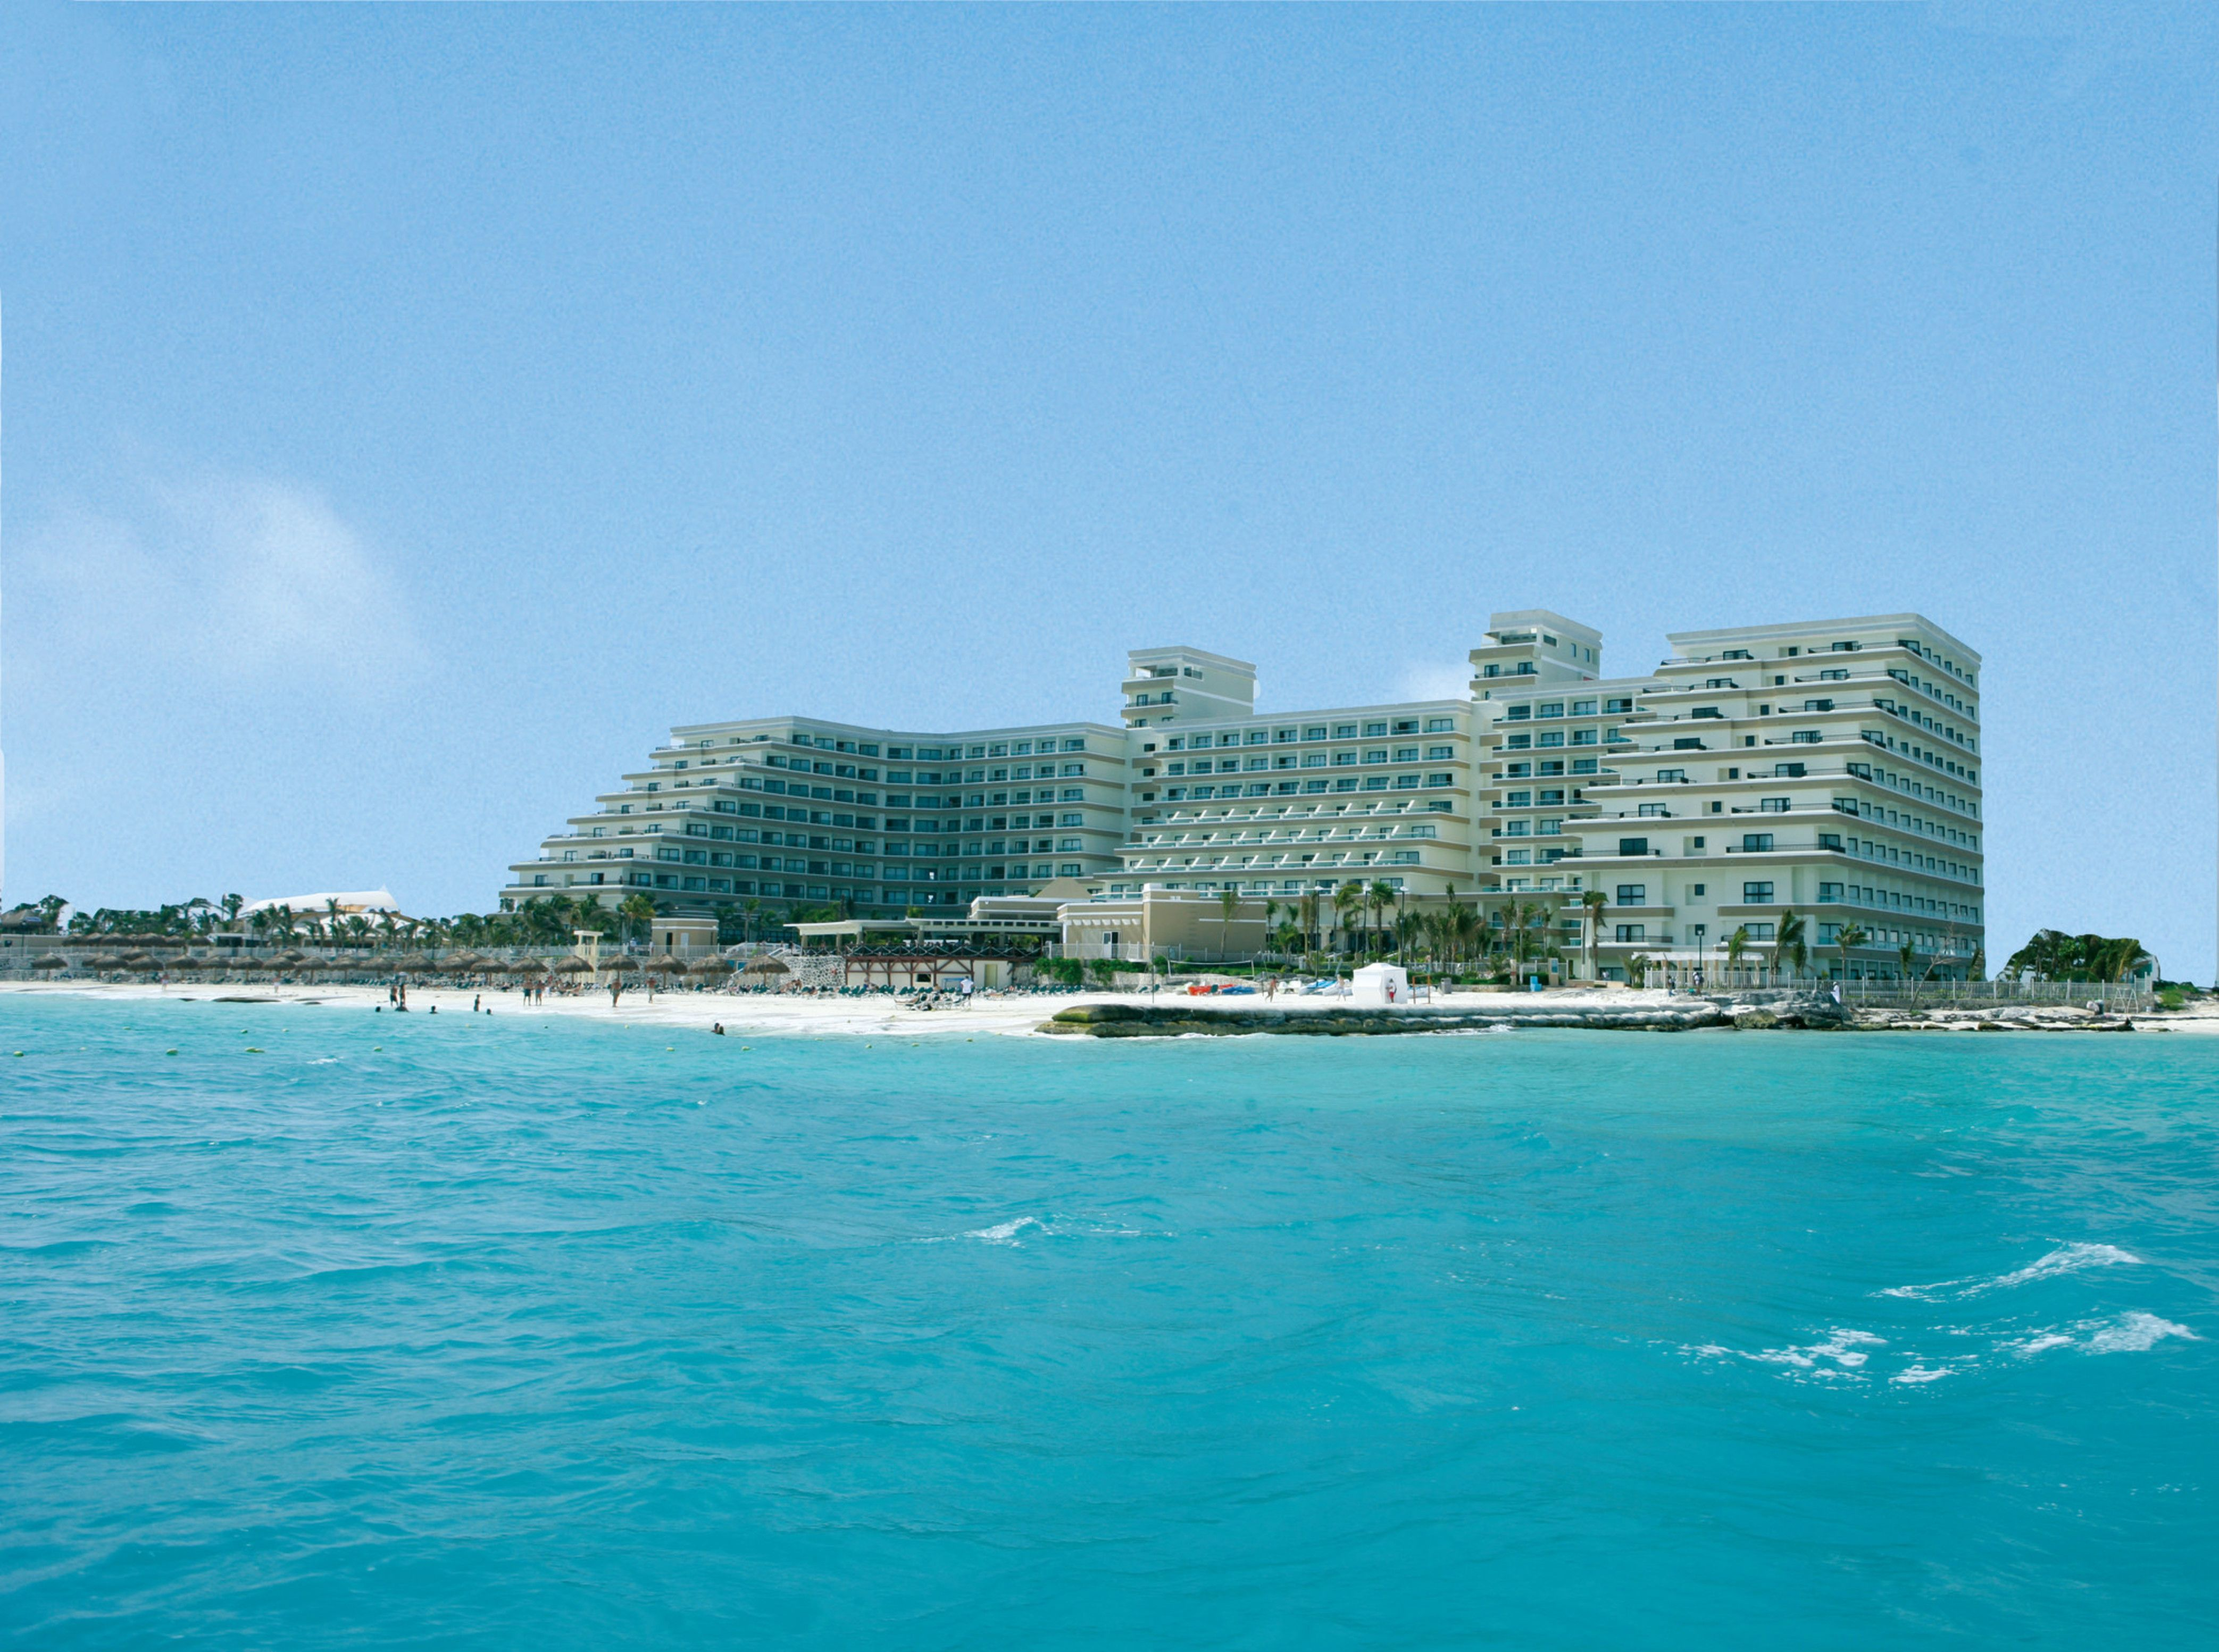 Riu Caribe Itsriutimecancun Riu Caribe Cancun Hotels Cancun Beaches